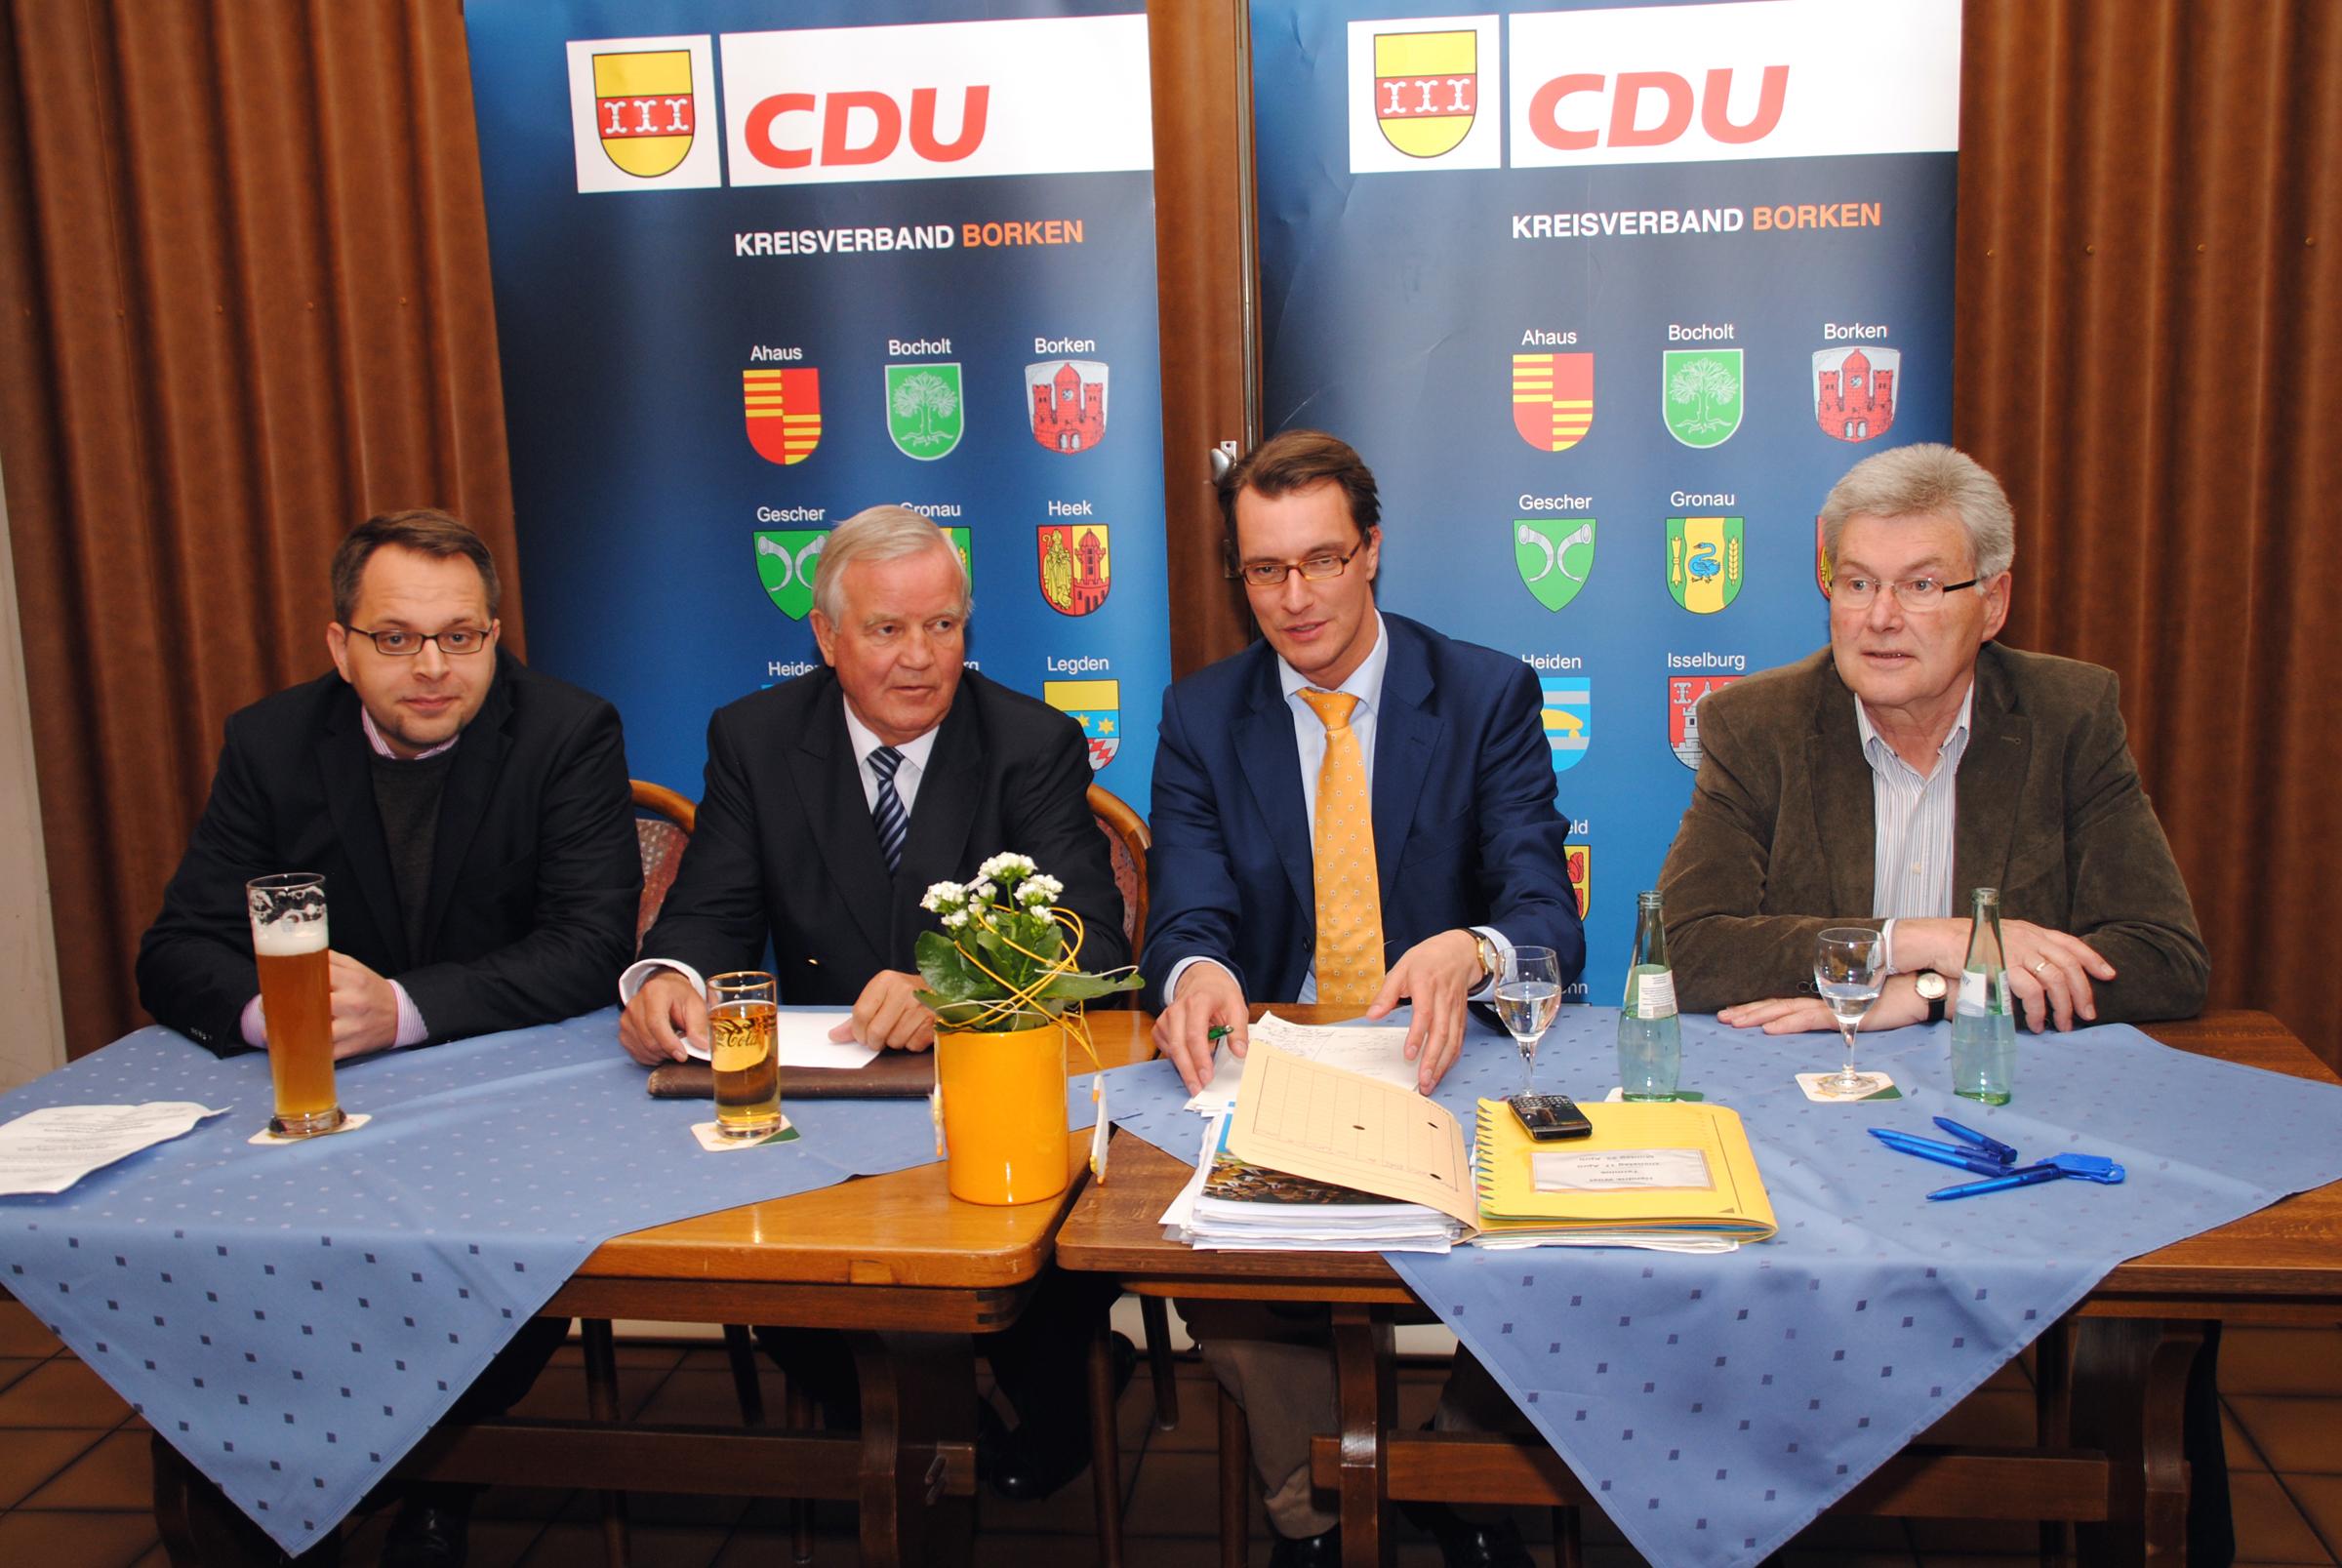 v.l.n.r. JU-Kreisvorsitzender Thomas Kerkhoff, Christian Weisbrich, Hendrik Wüst und SEN-Kreisvorsitzender Stefan Hegering